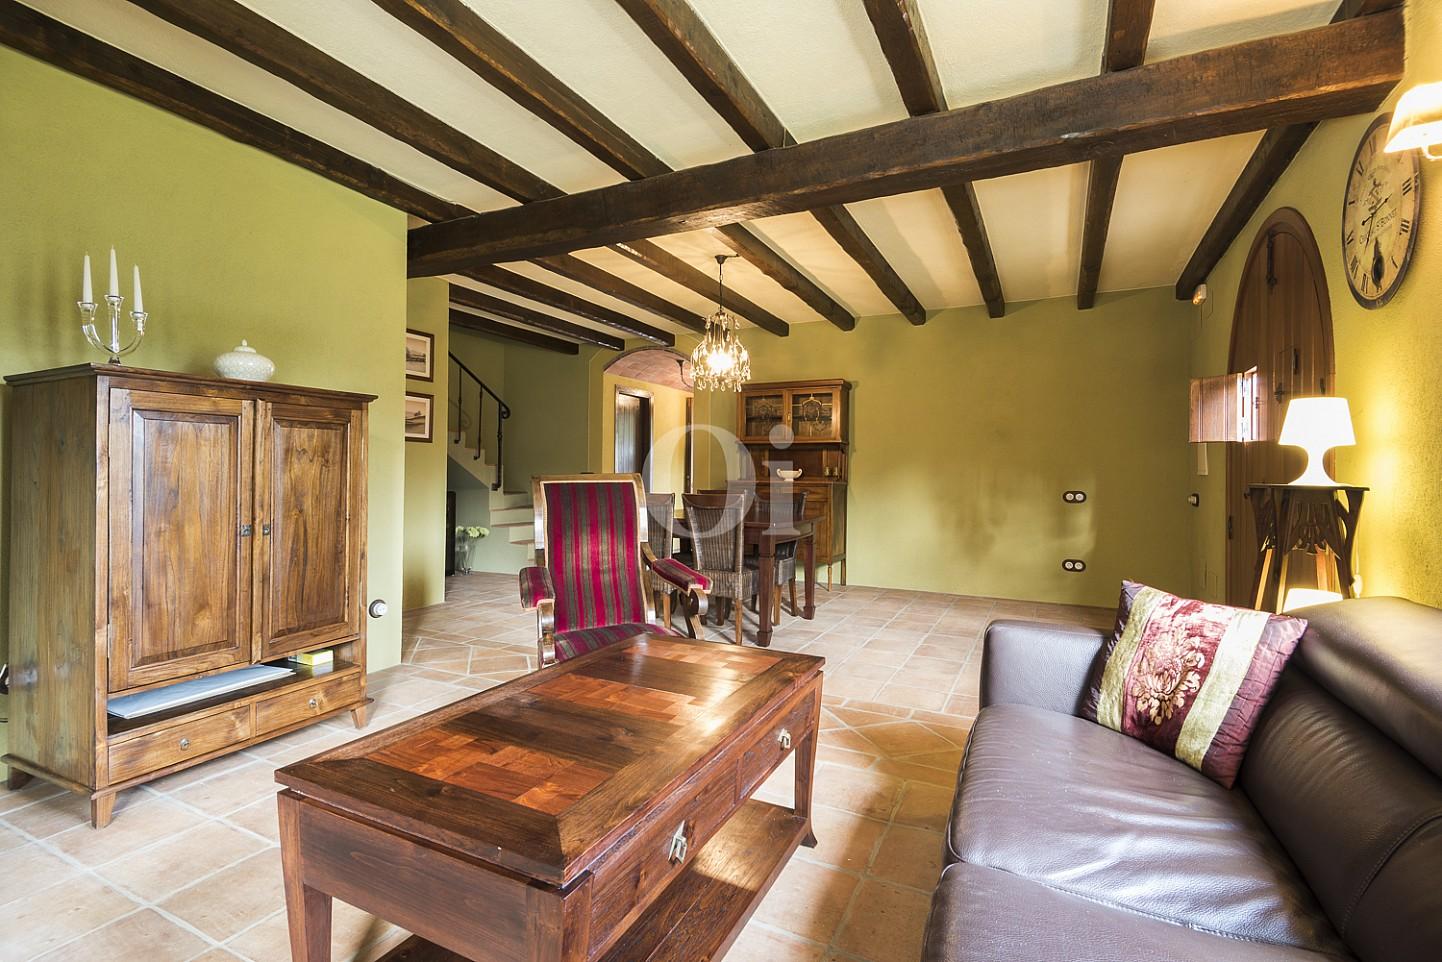 Vistas interiores del salón-comedor y de los techos con vigas de madera